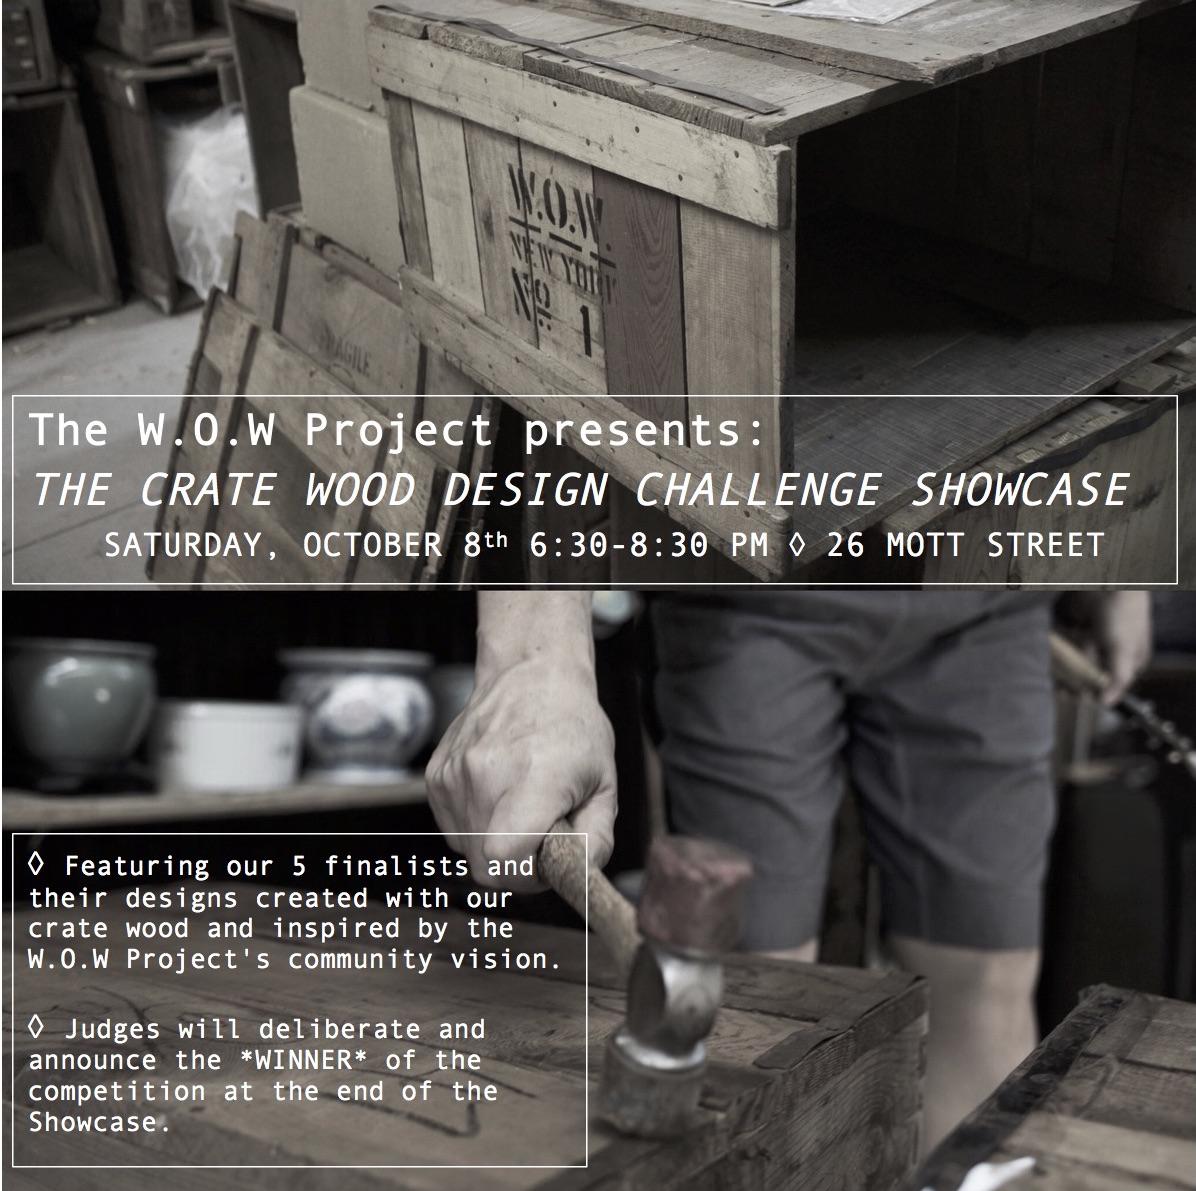 Cratewood Design Challenge Showcase Flyer.jpg